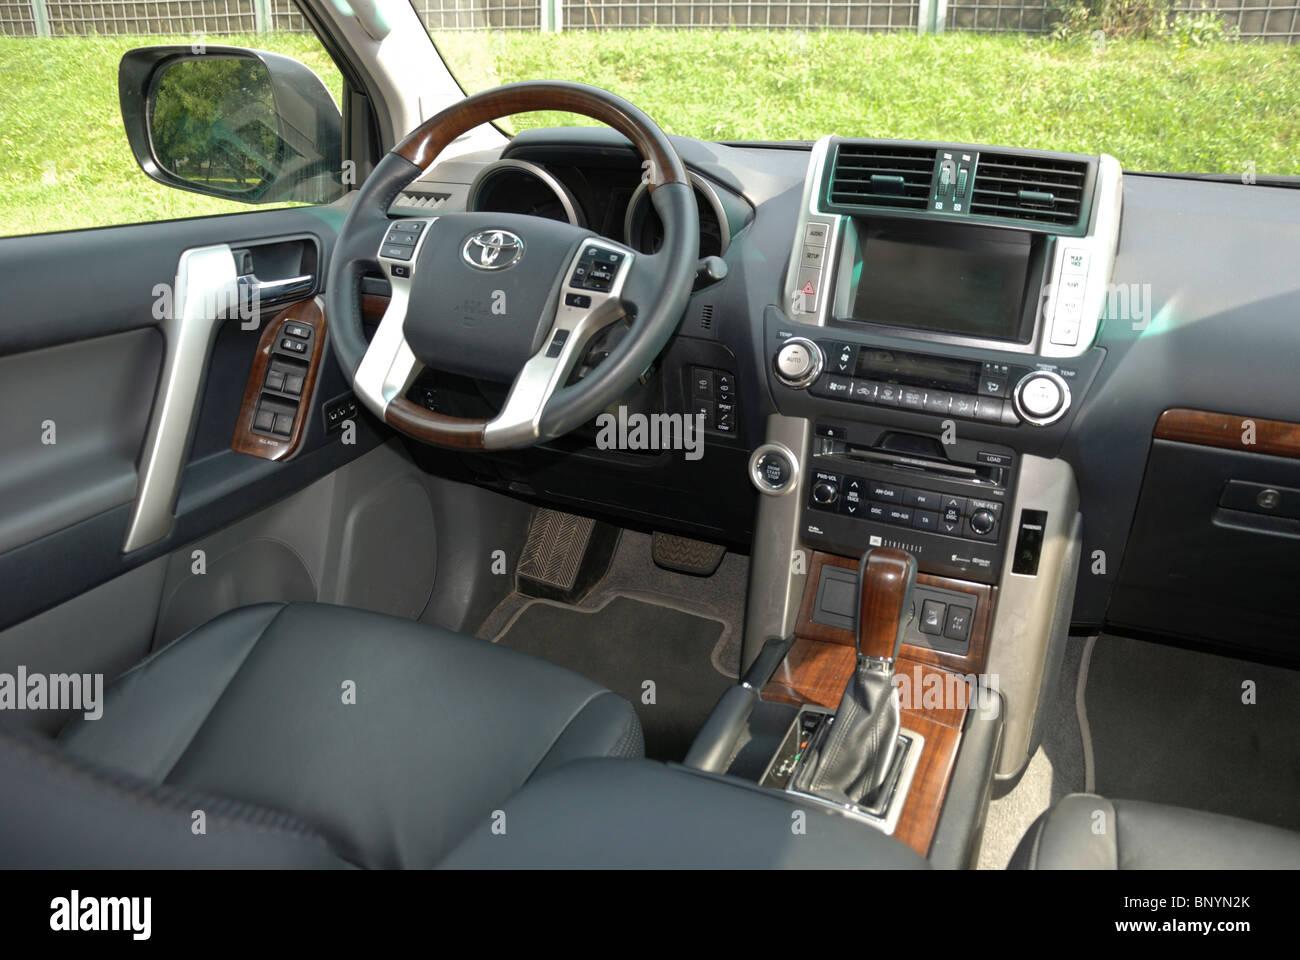 Toyota LandCruiser 3,0 D - 4D 4 x 4 - meine 2002 (2010 FL) - weiß ...